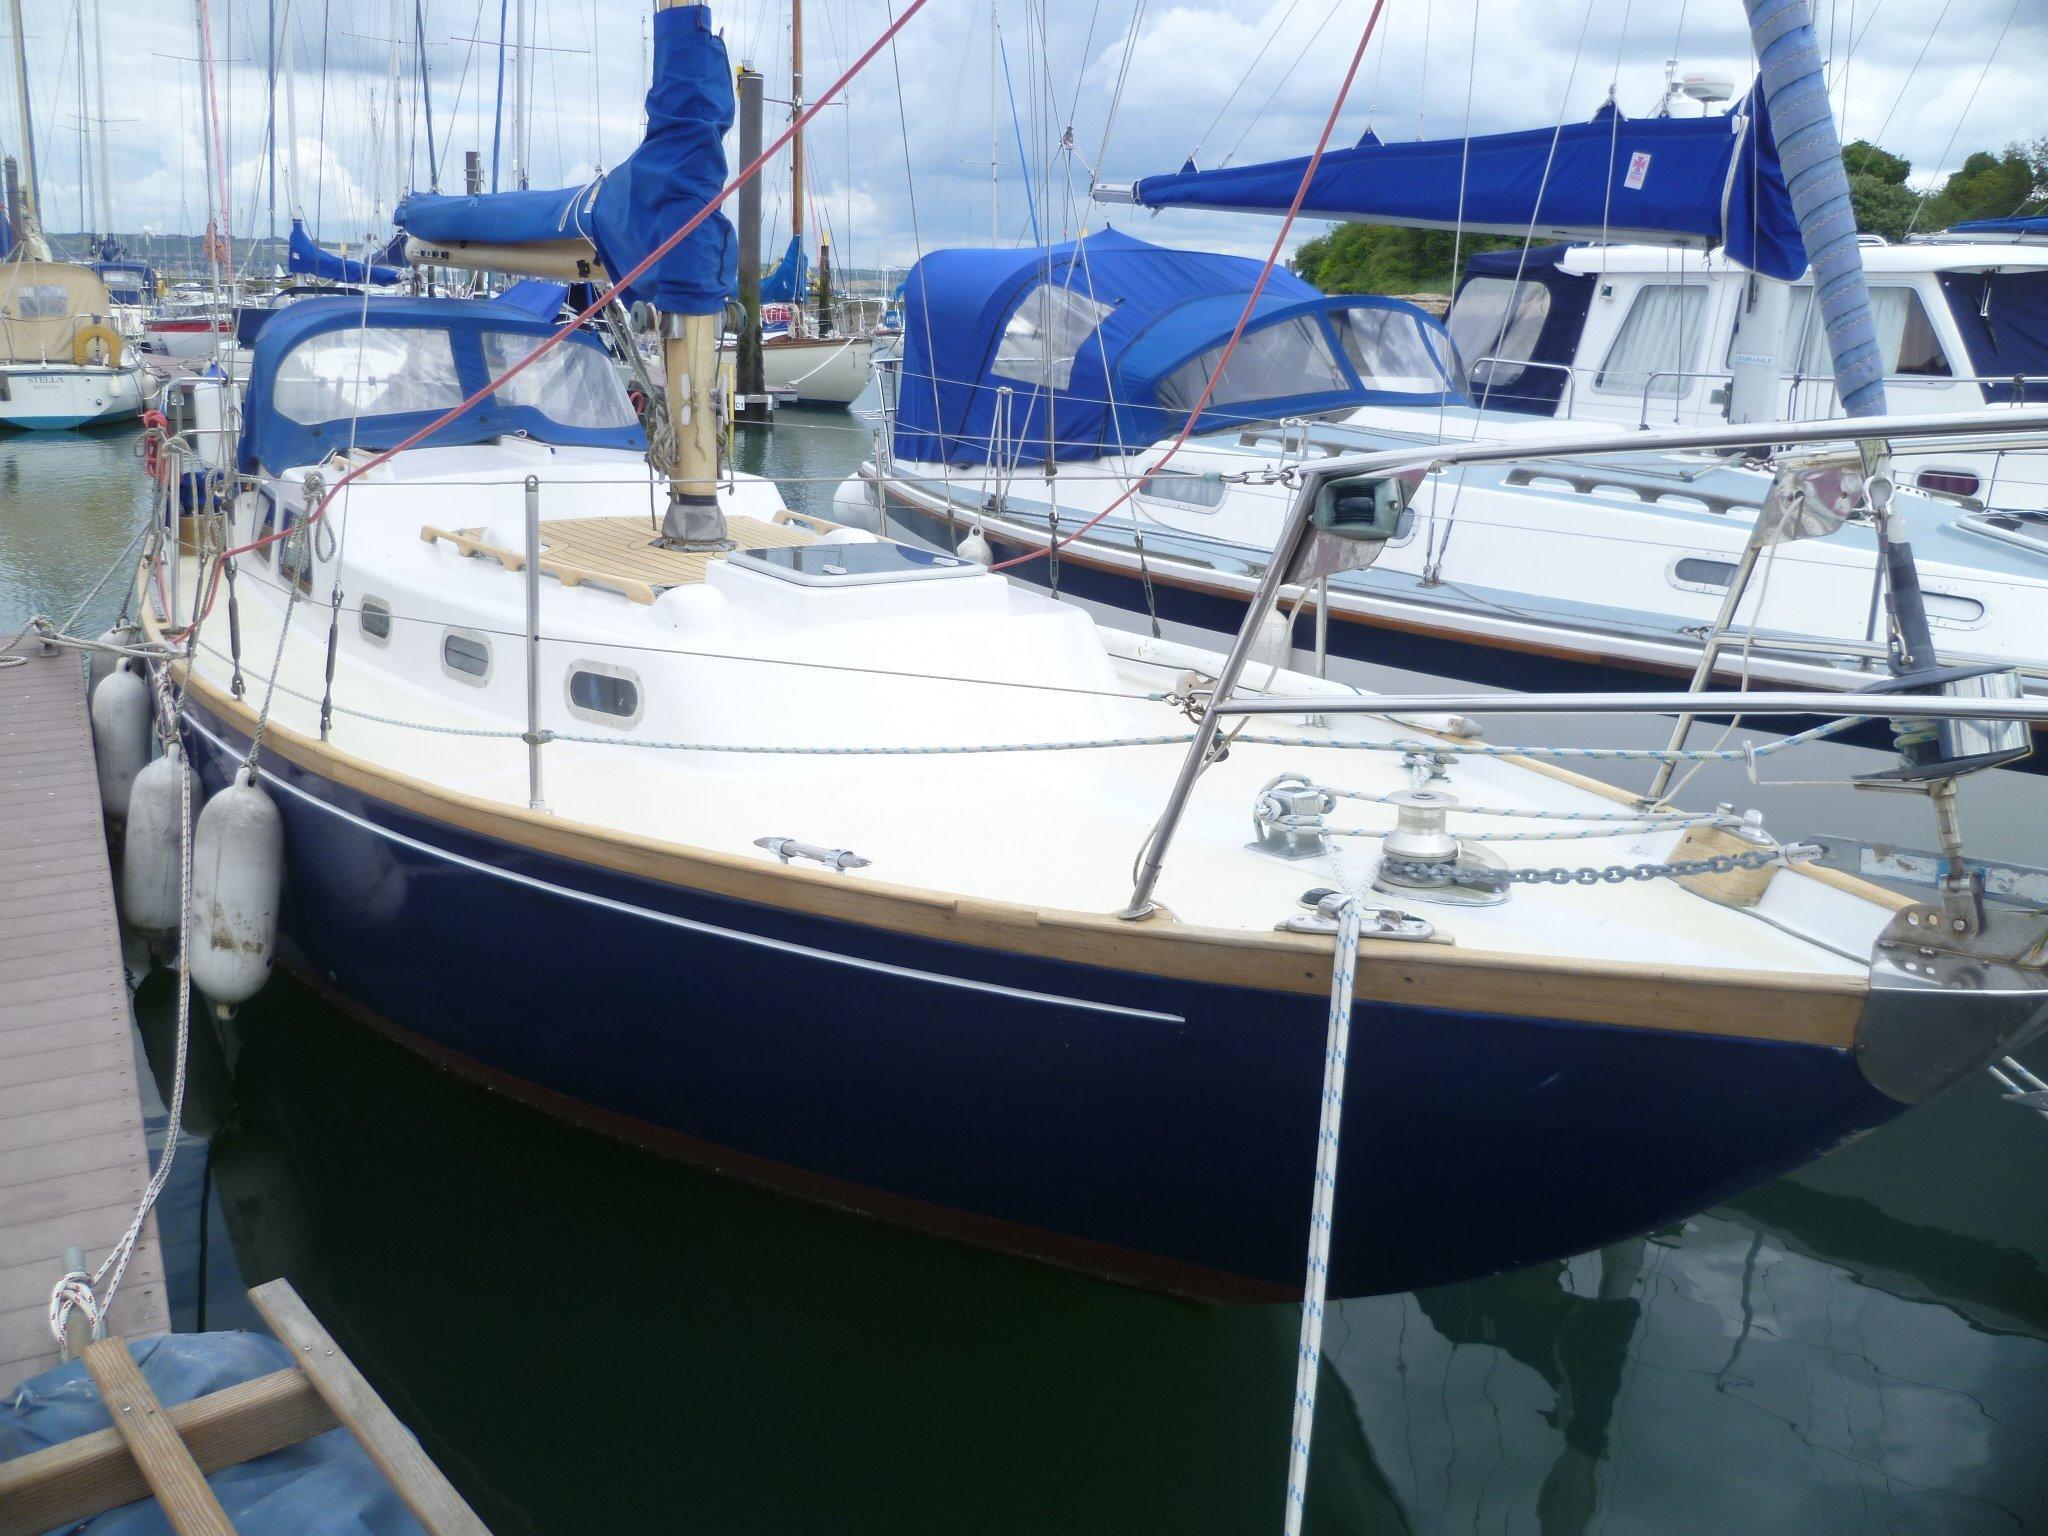 1964 Nicholson 32 Sail Boat For Sale - www.yachtworld.com